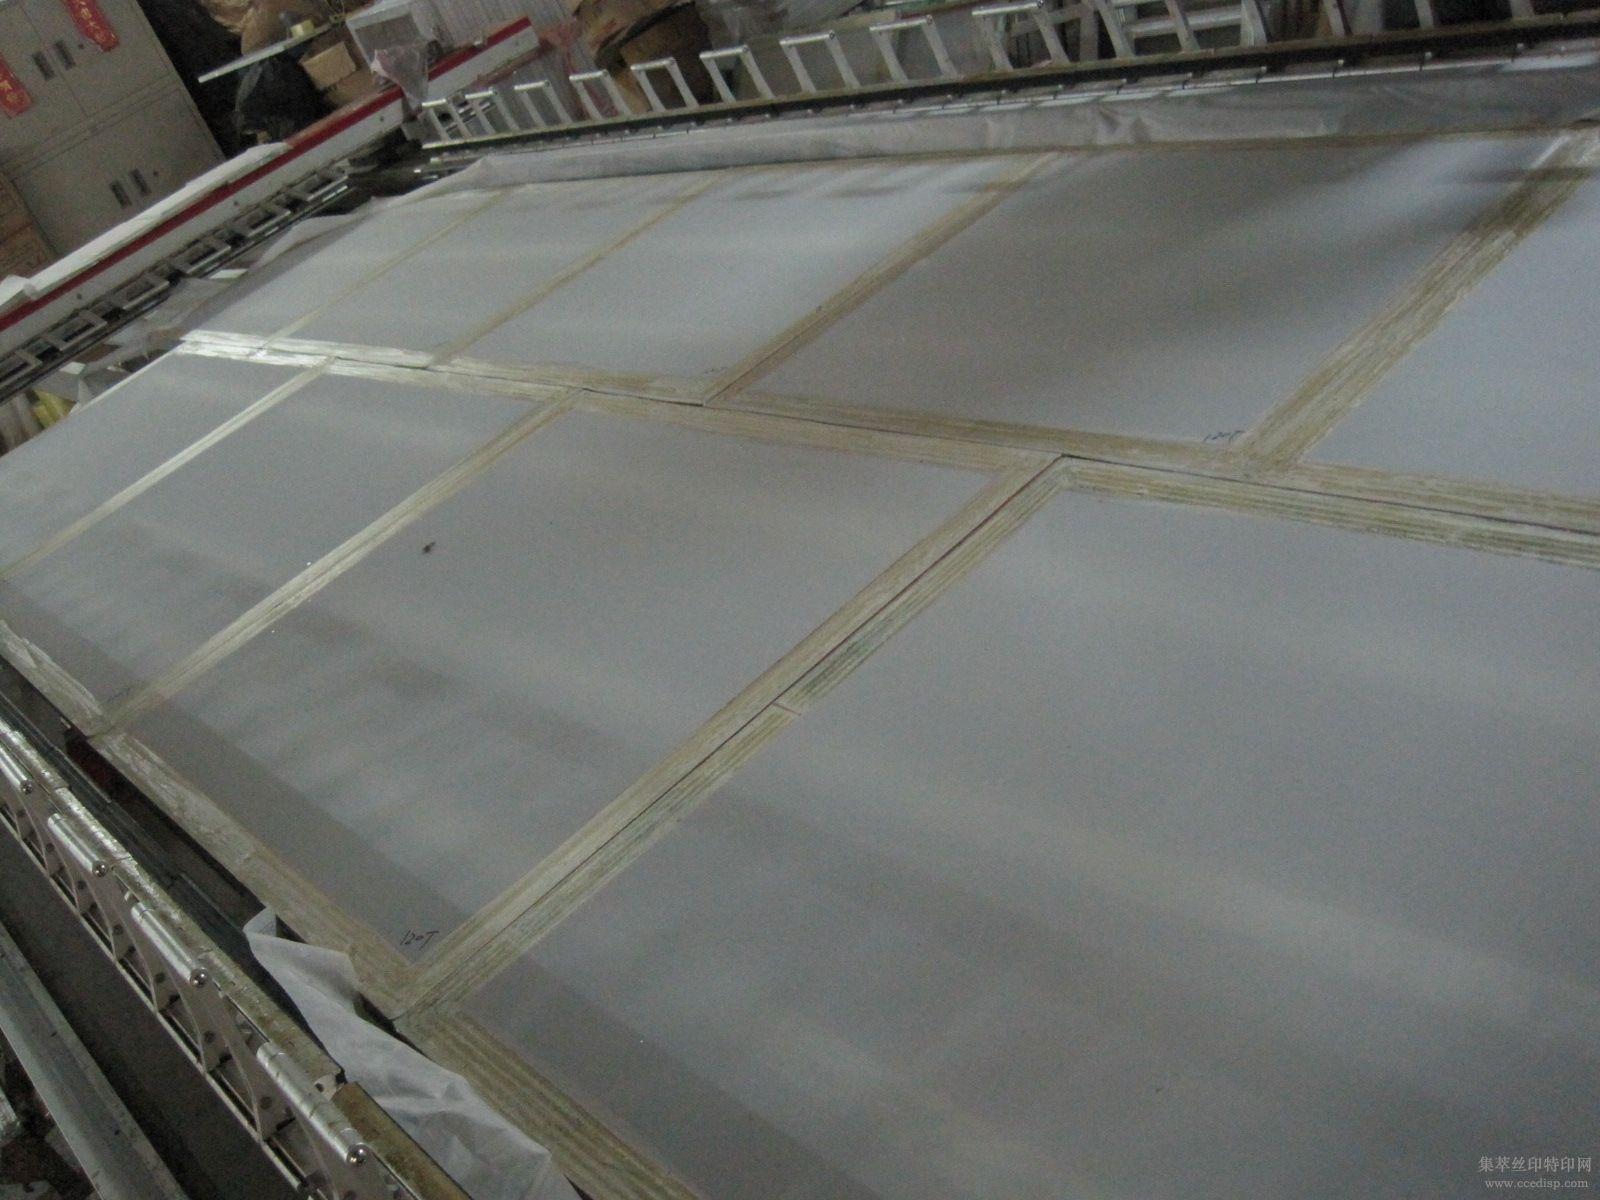 加工拉网,广州市华翌印刷专用设备有限公司专业拉网绷网,量大高效